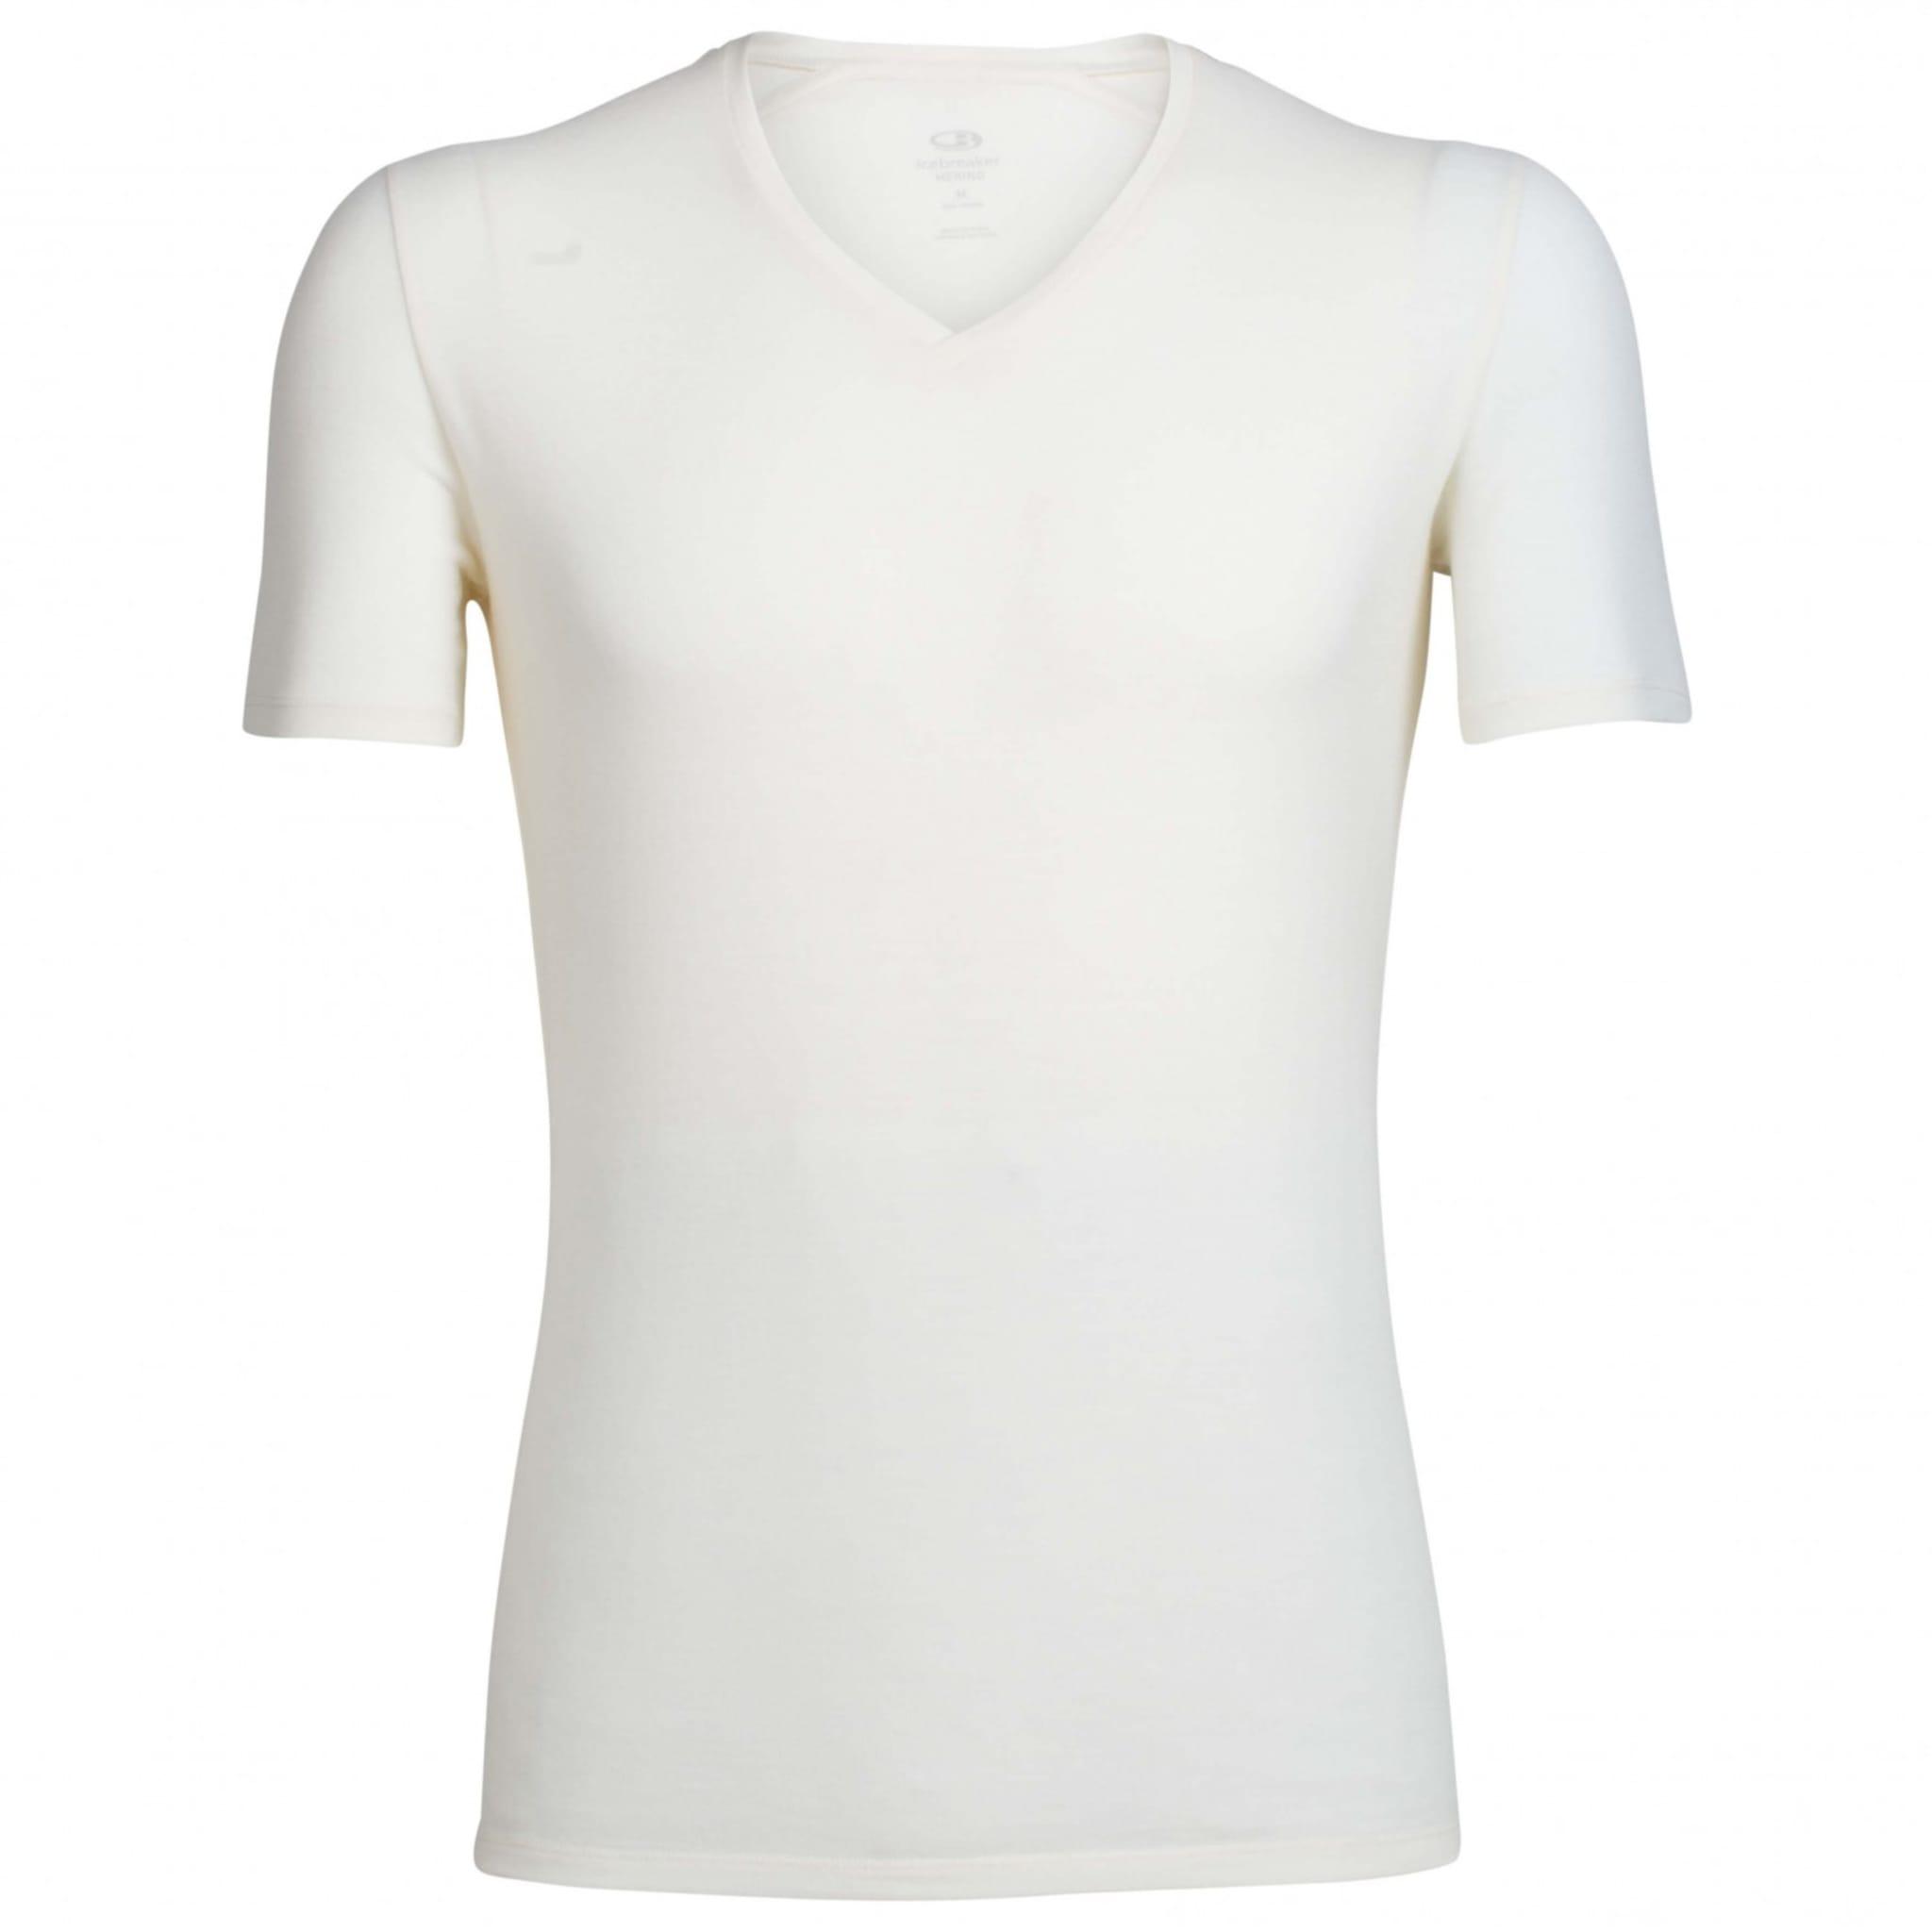 Tynn og lett t-skjorte i ull fra Icebreaker med v-hals